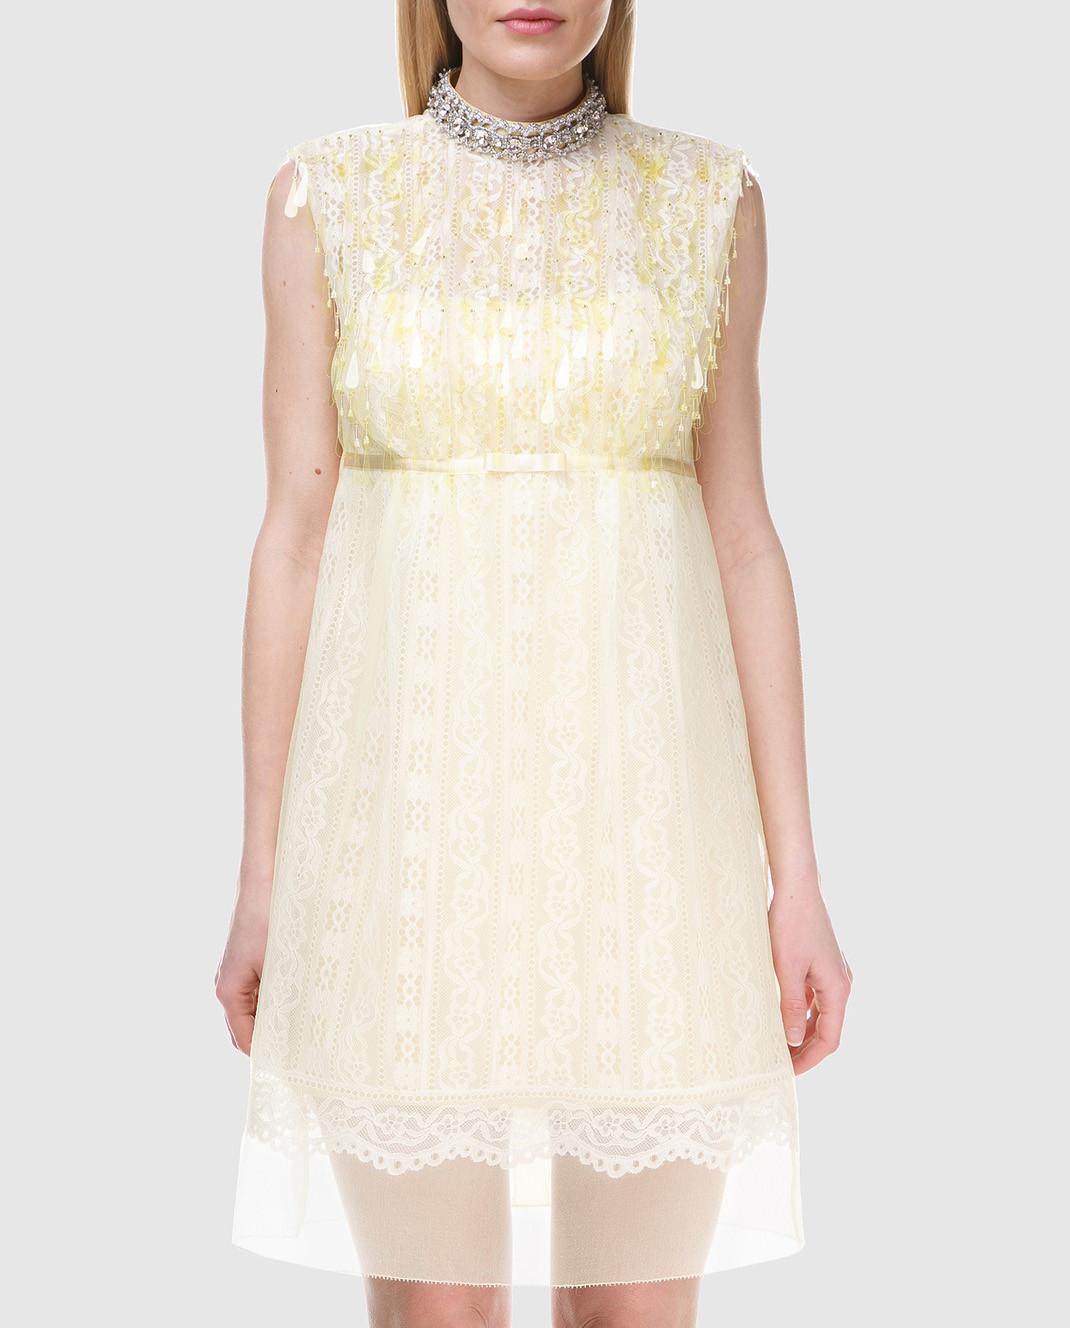 Marc Jacobs Желтое платье с кружевом M4007191 изображение 2